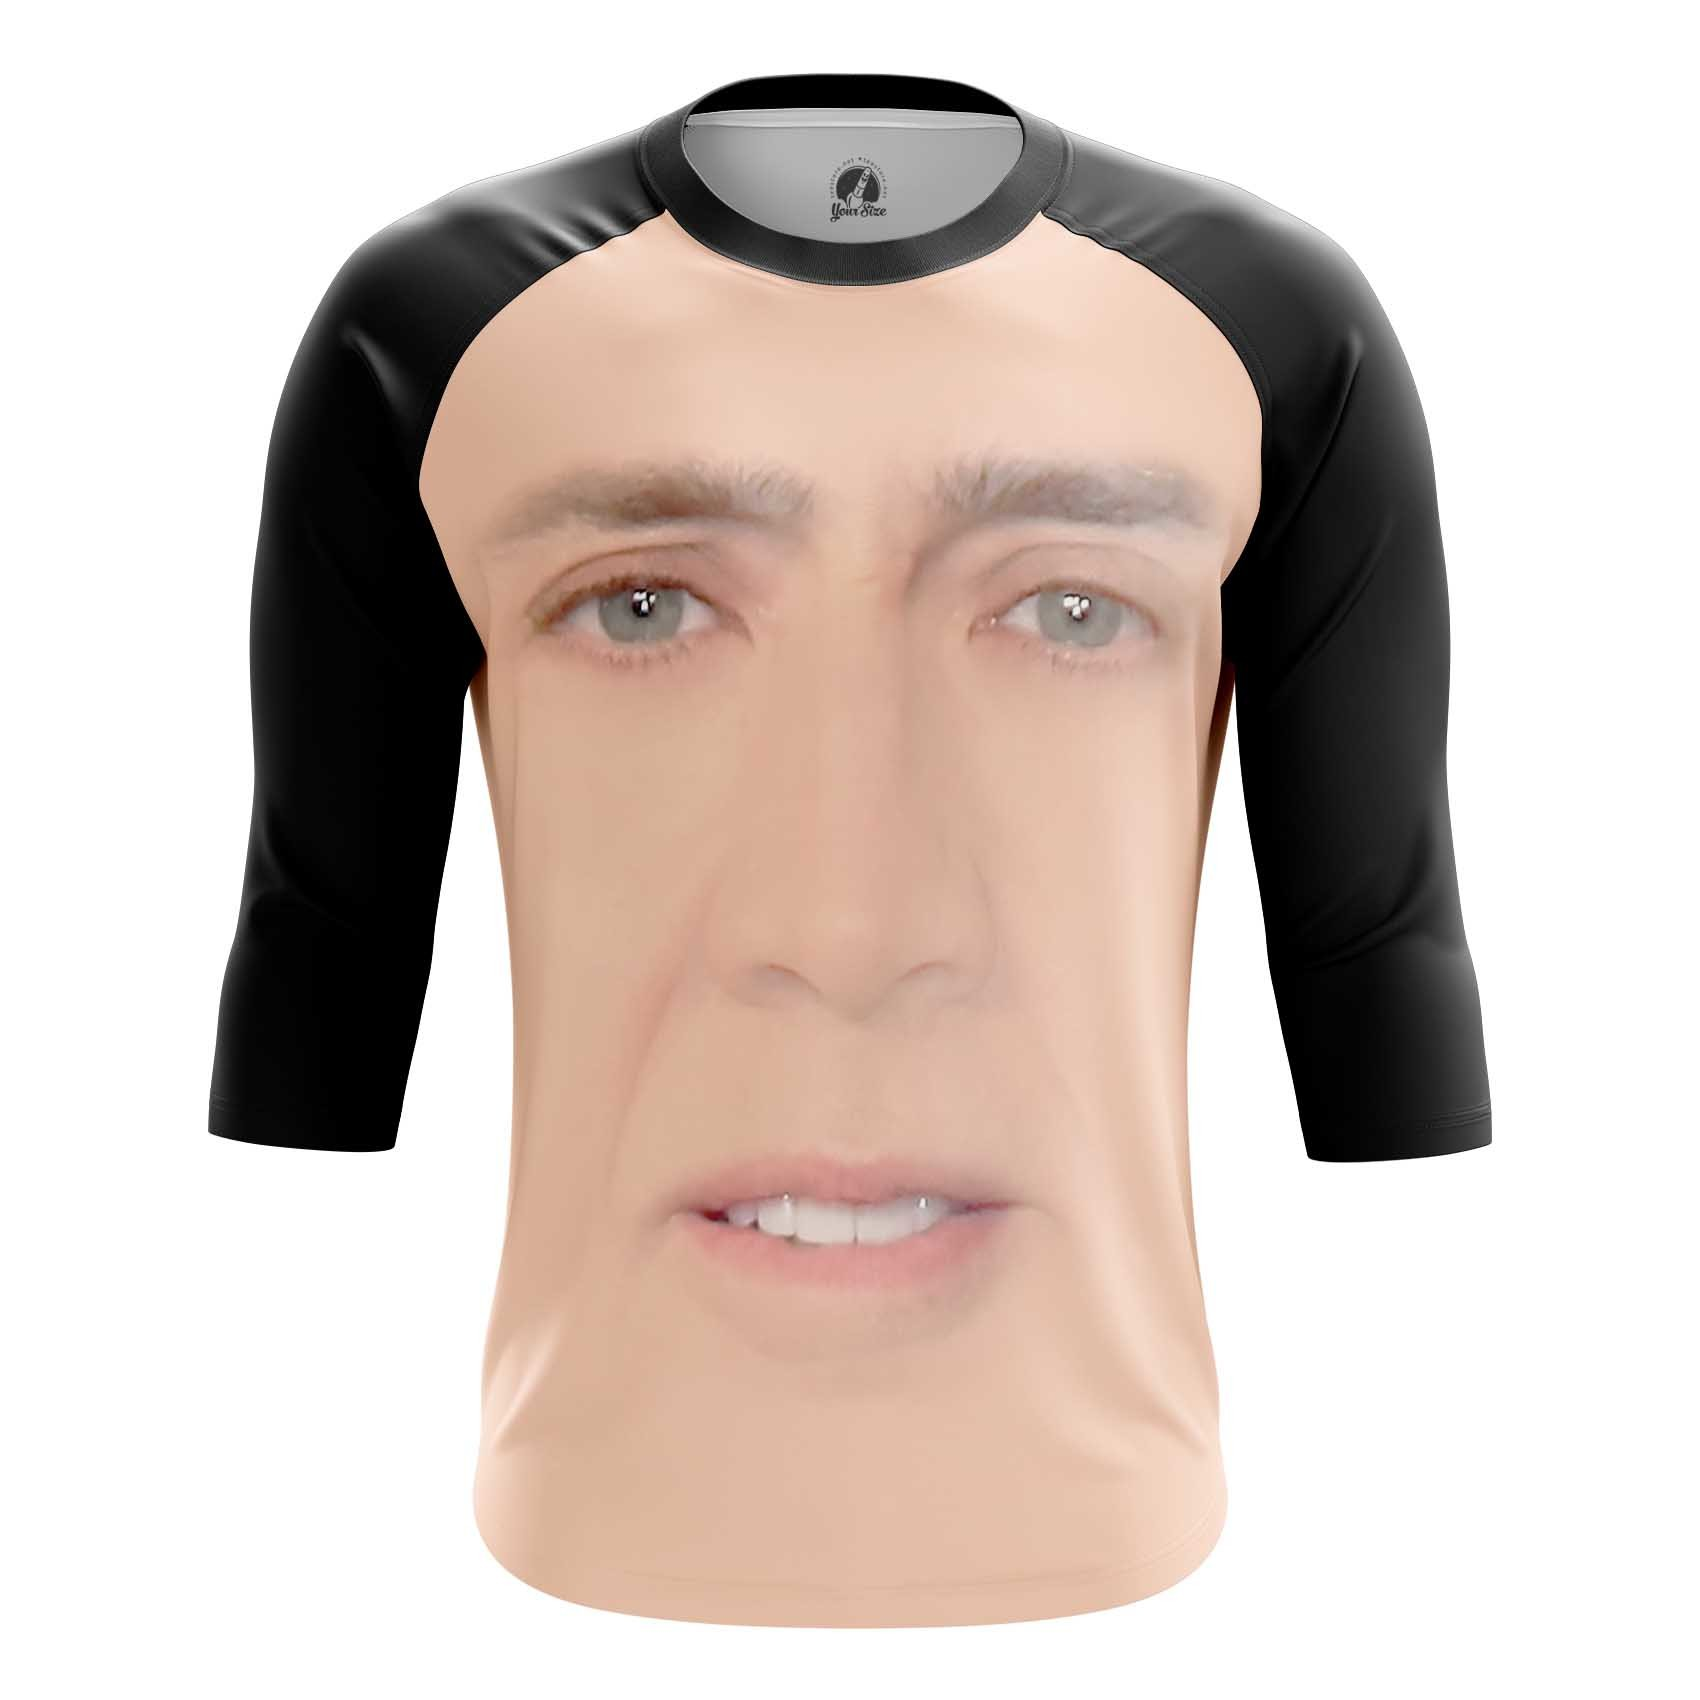 Merchandise Tank Nicolas Cage Face Art Meme Fun Vest